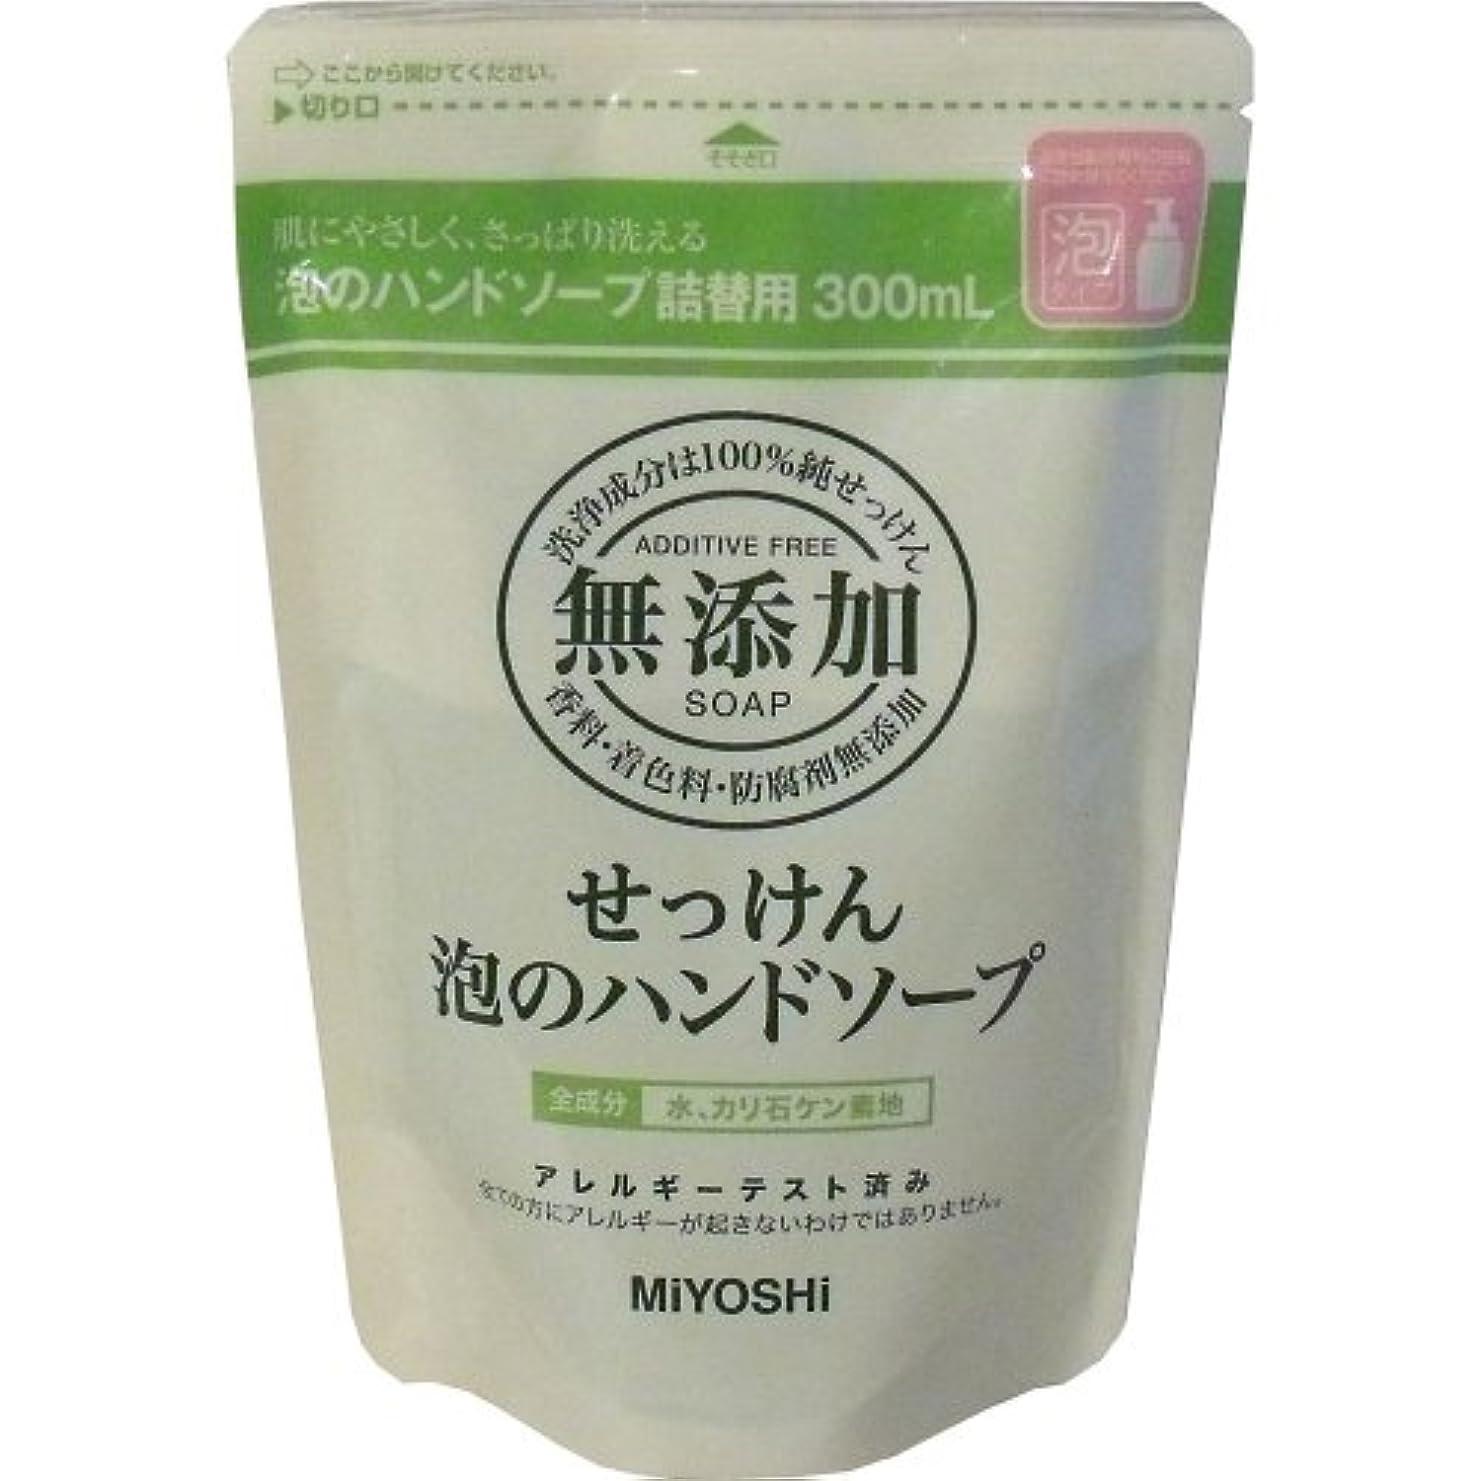 施設悲観的解放するミヨシ石鹸 無添加せっけん泡ハンドソープ 詰替用300ml×5